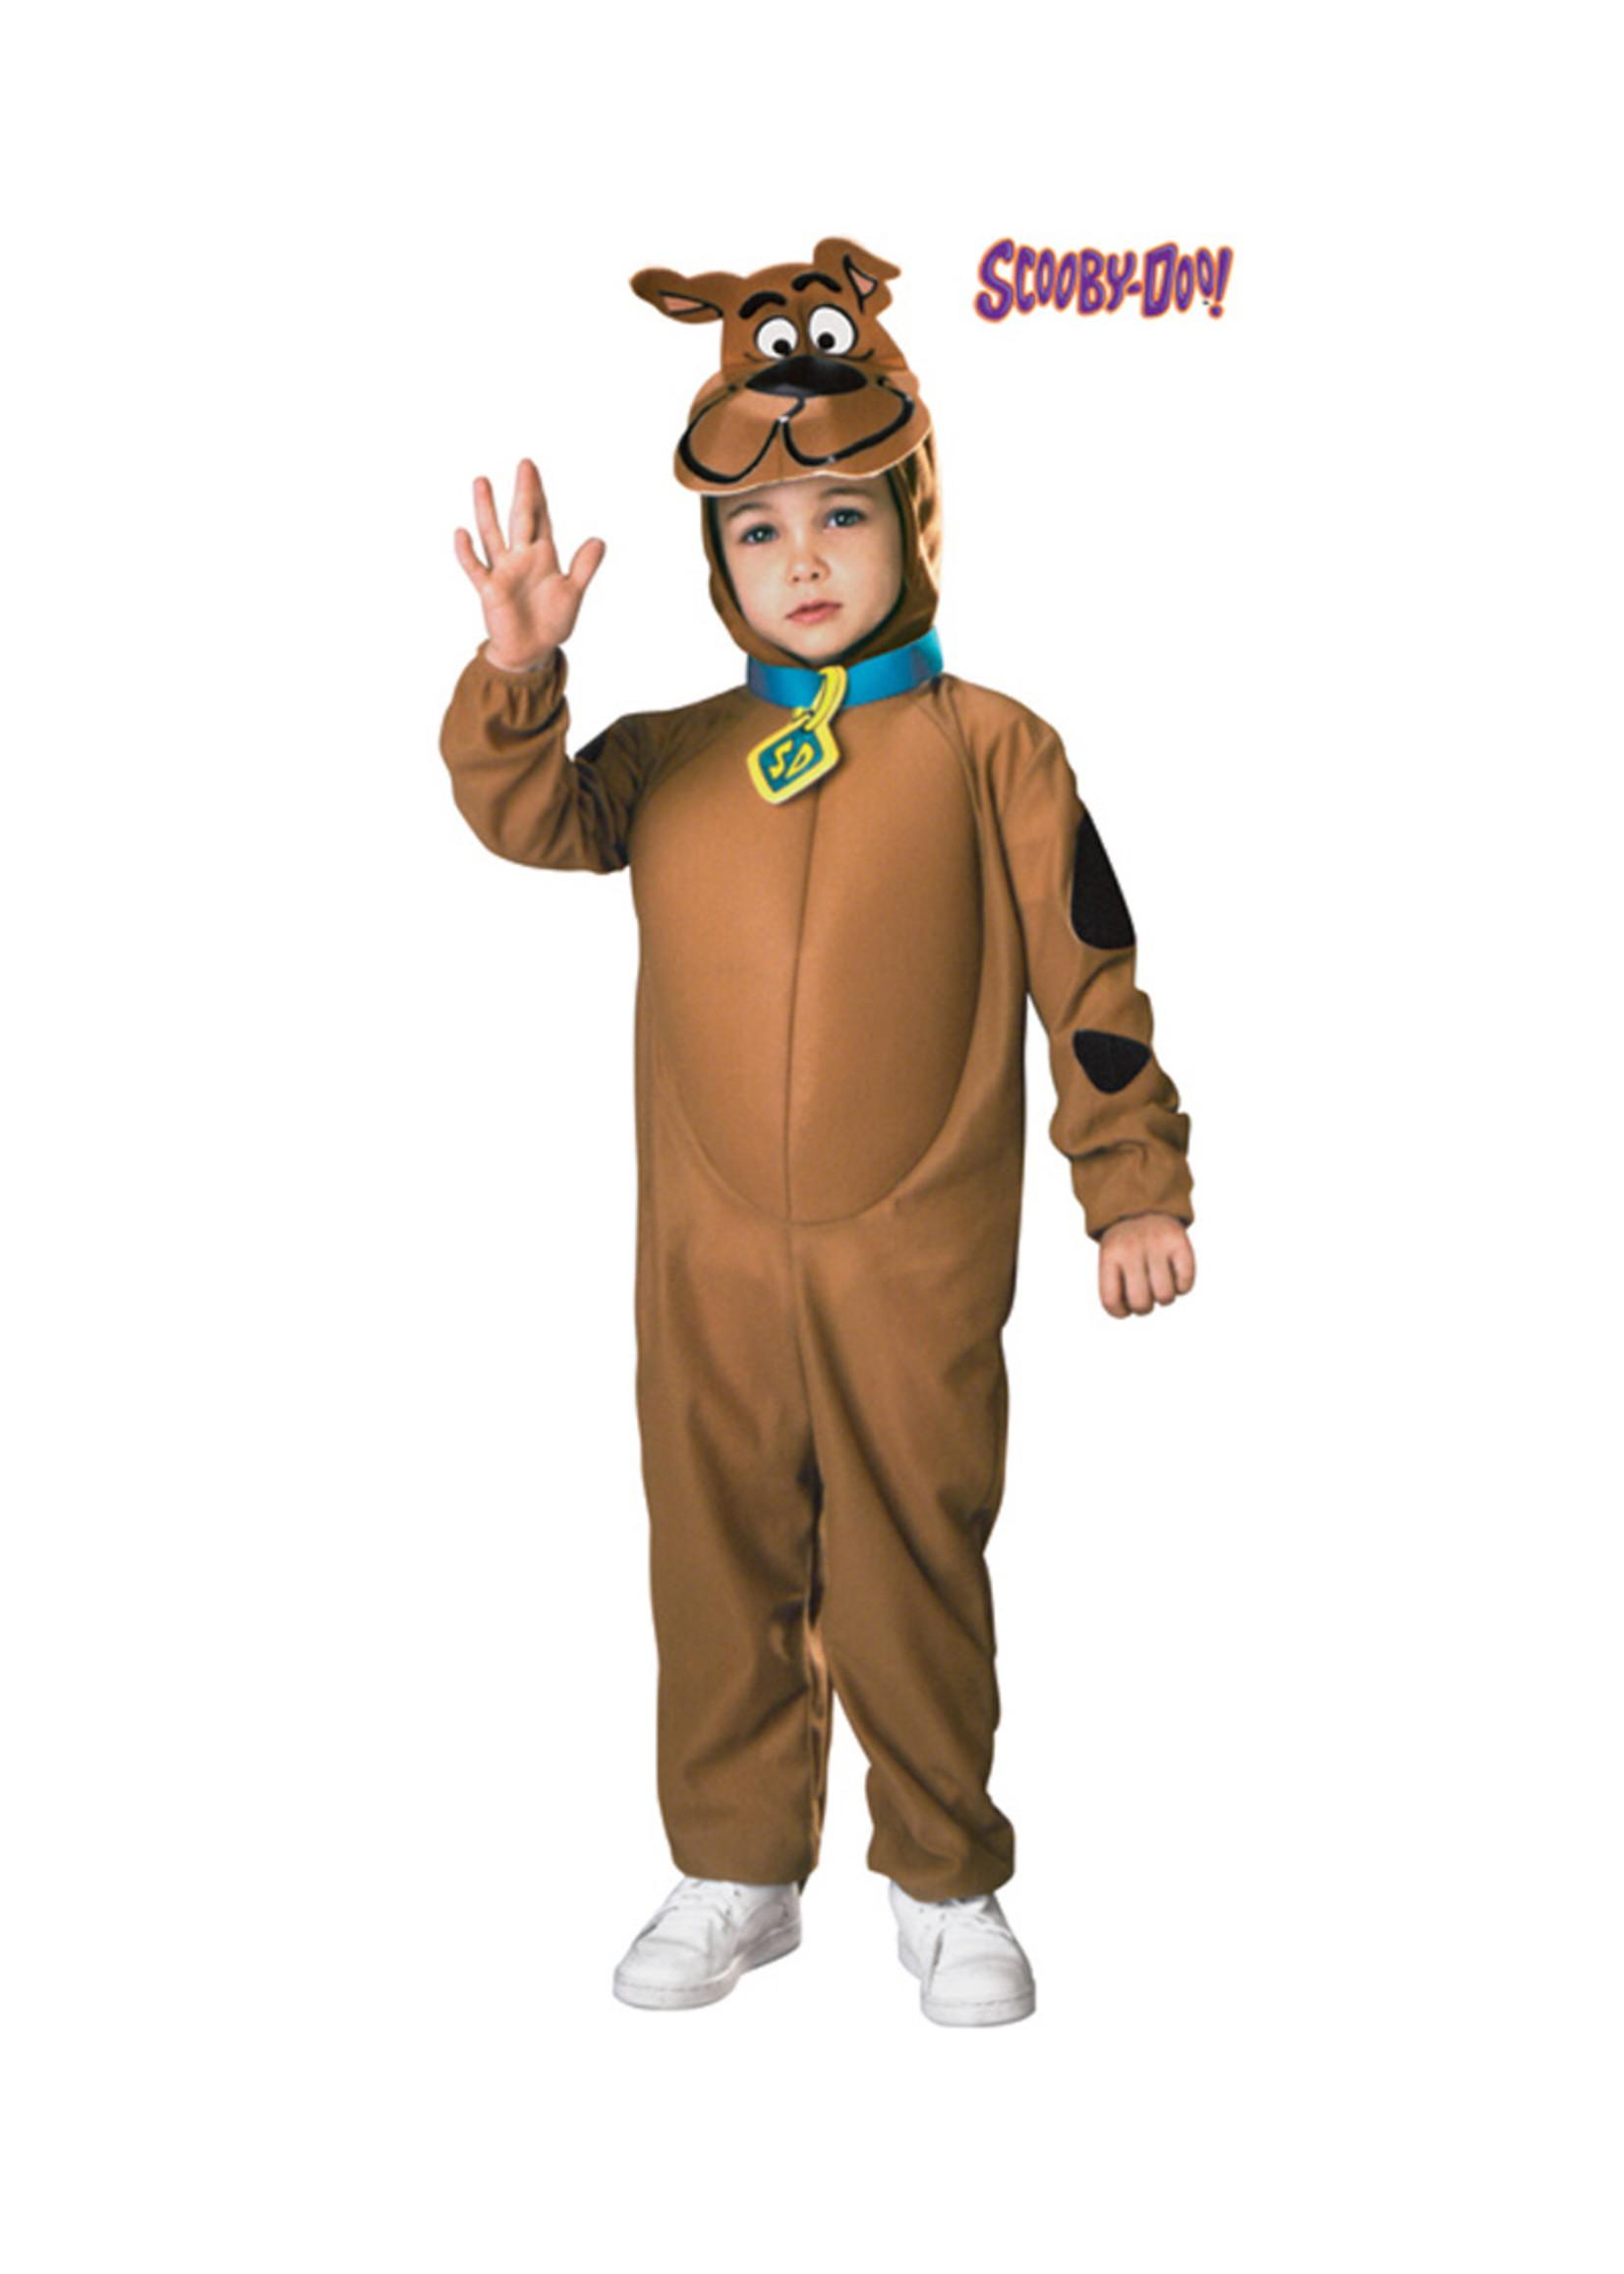 Scooby-Doo Costume - Boys